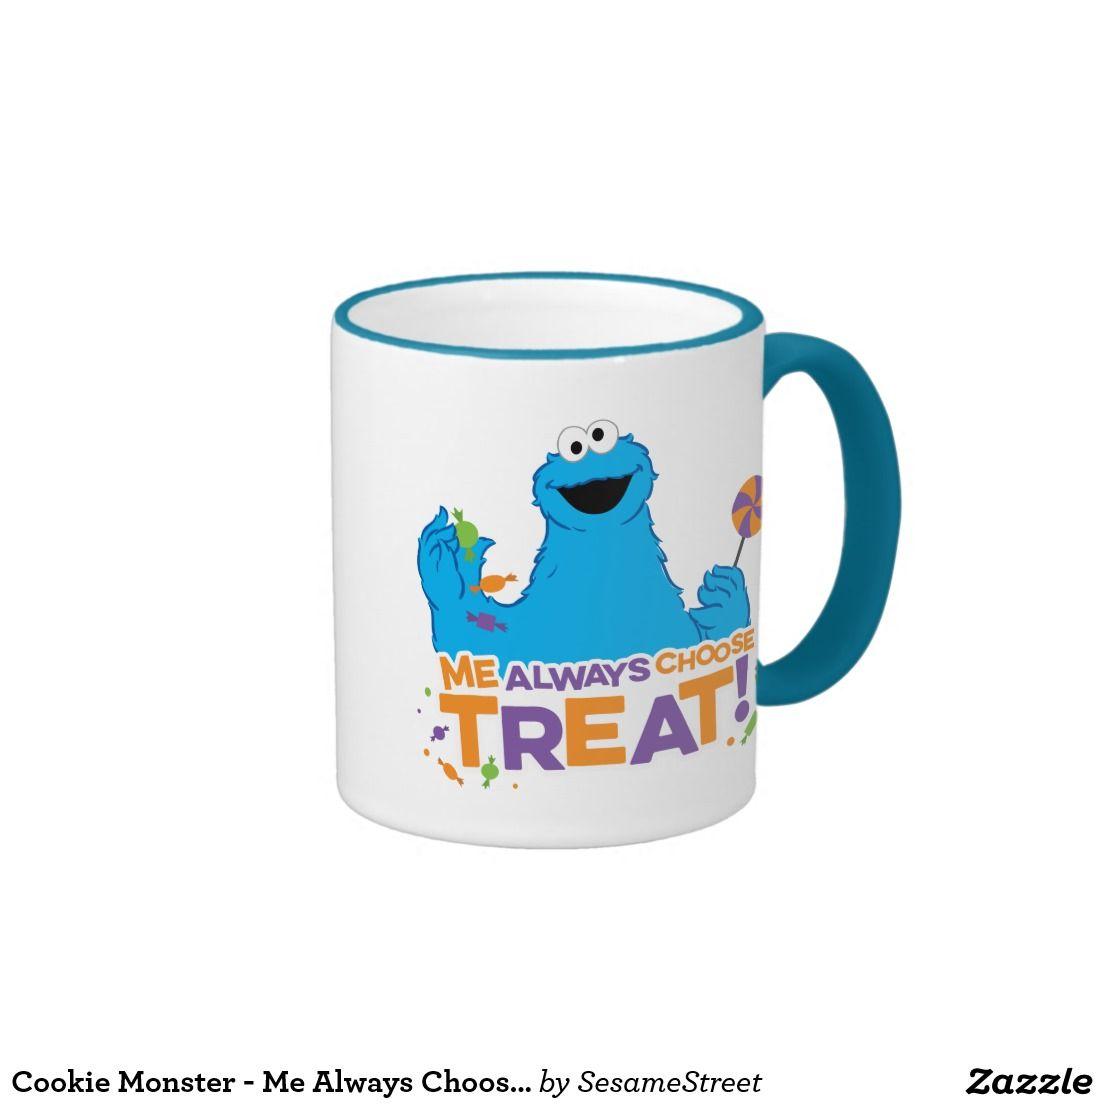 Cookie Monster - Me Always Choose Treat. Regalos, Gifts. #taza #mug